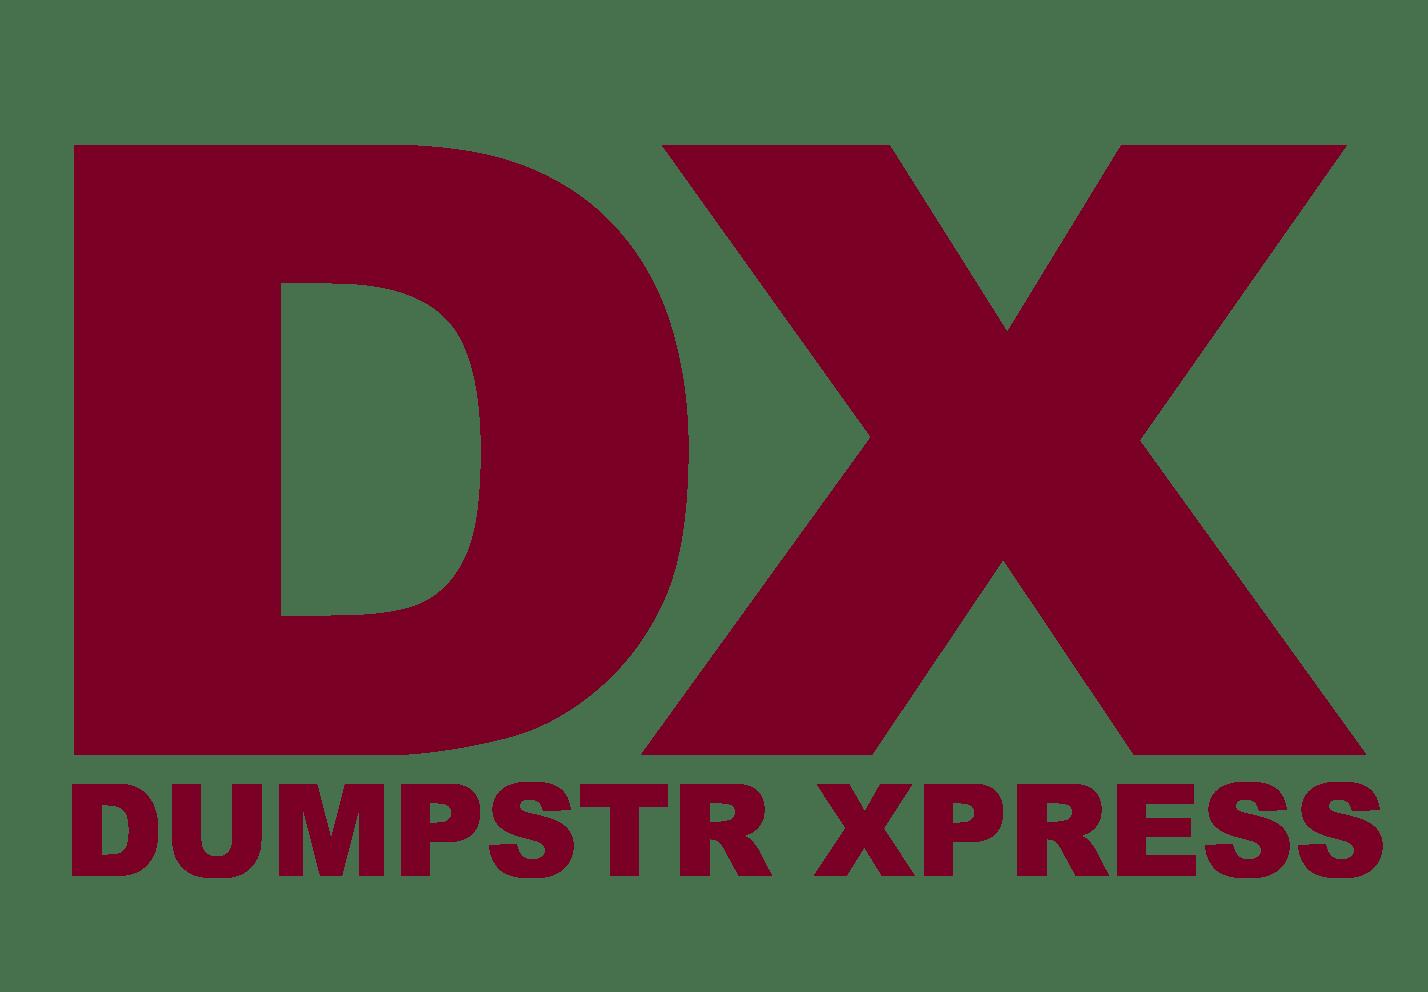 Dumpstr Xpress Phoenix Dumpster Rental